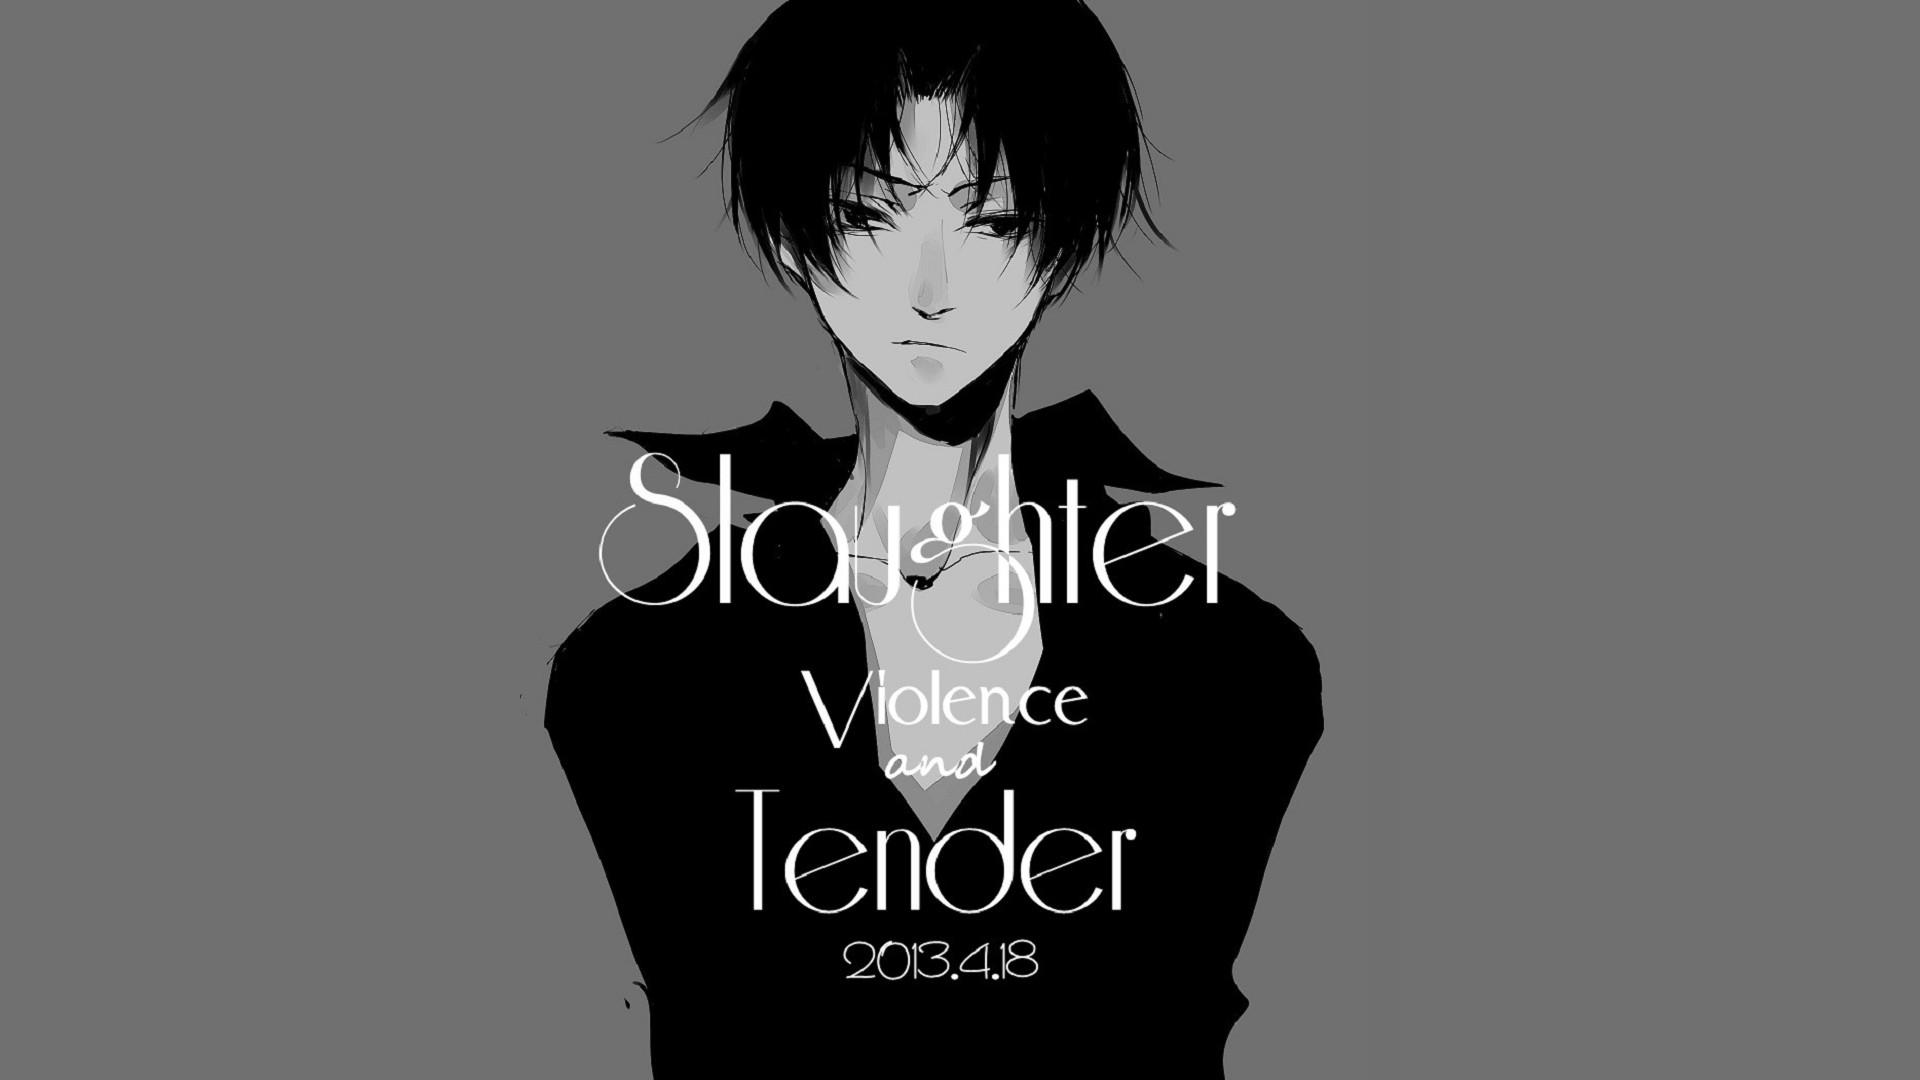 Wallpaper 1920x1080 Px Anime Levi Ackerman Shingeki No Kyojin 1920x1080 4kwallpaper 1512365 Hd Wallpapers Wallhere